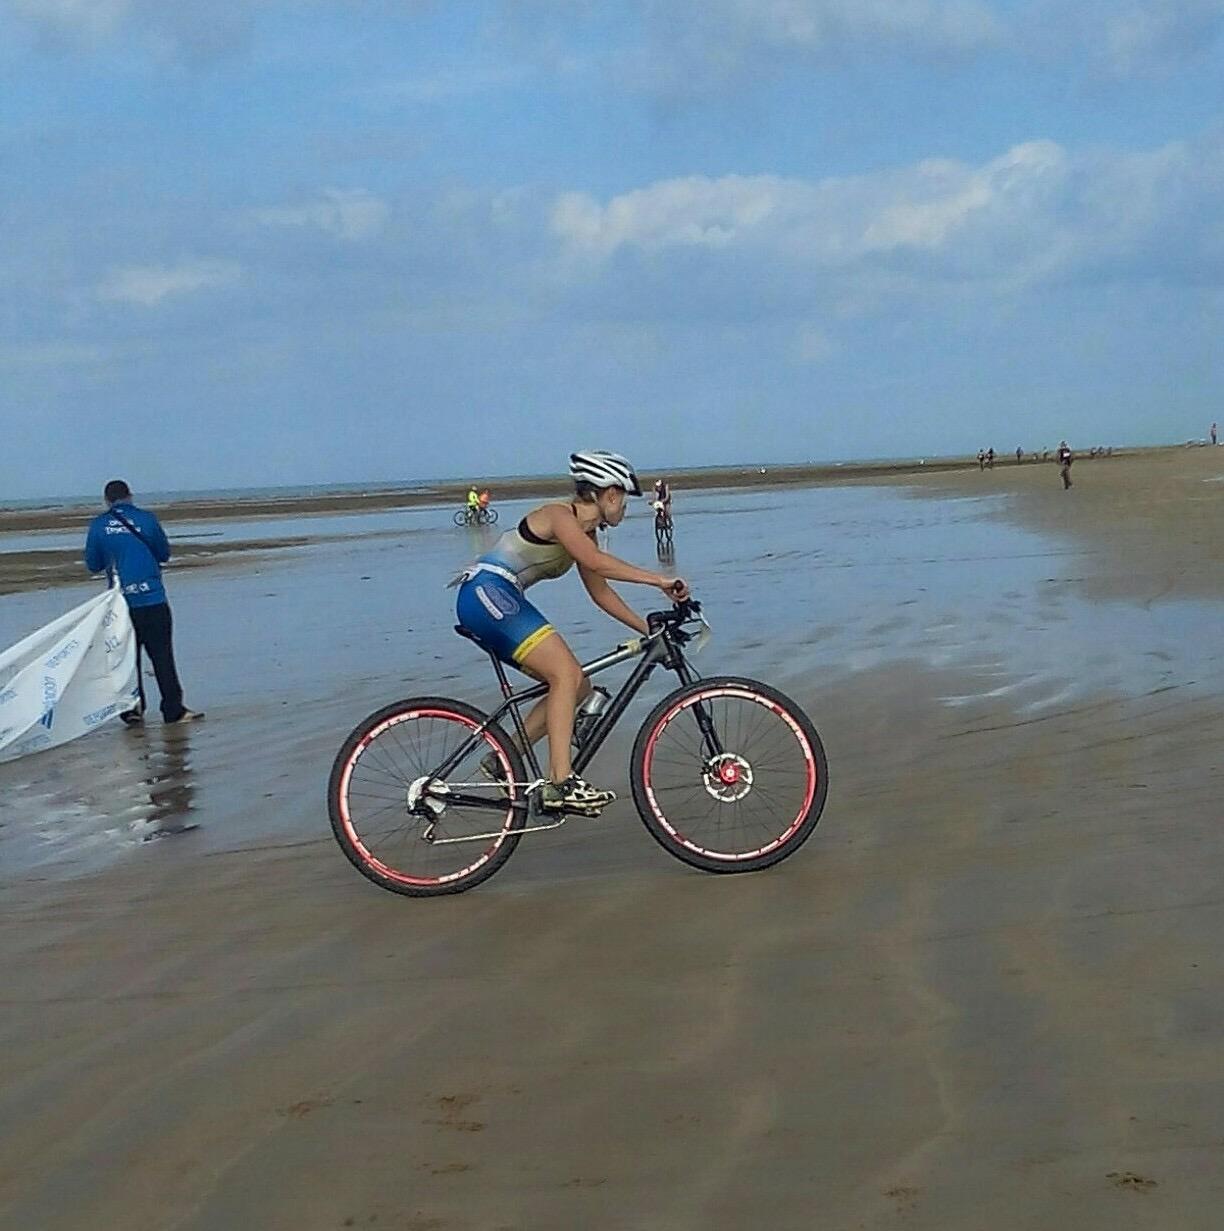 v triatlón playas de chipiona club atletismo coria